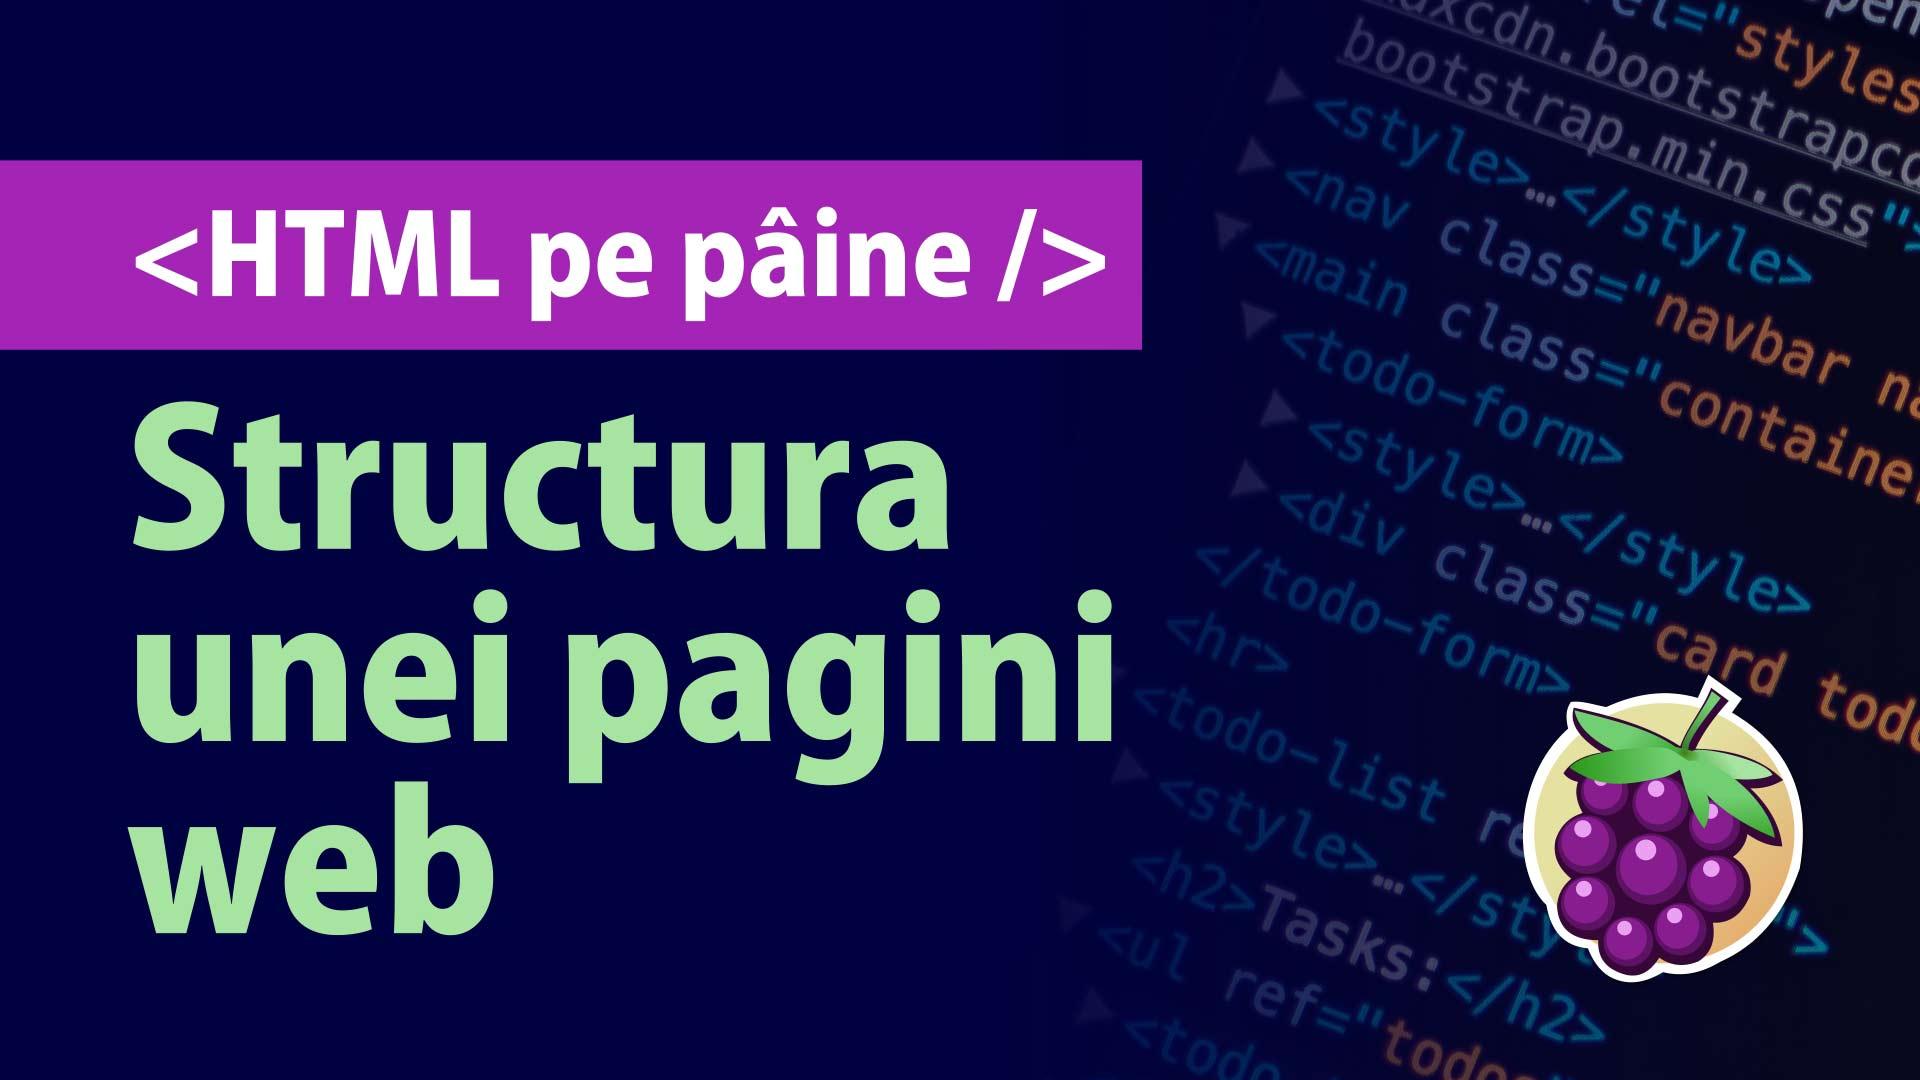 Care e structura unei pagini web HTML? (Curs HTML pentru începători, partea 1)